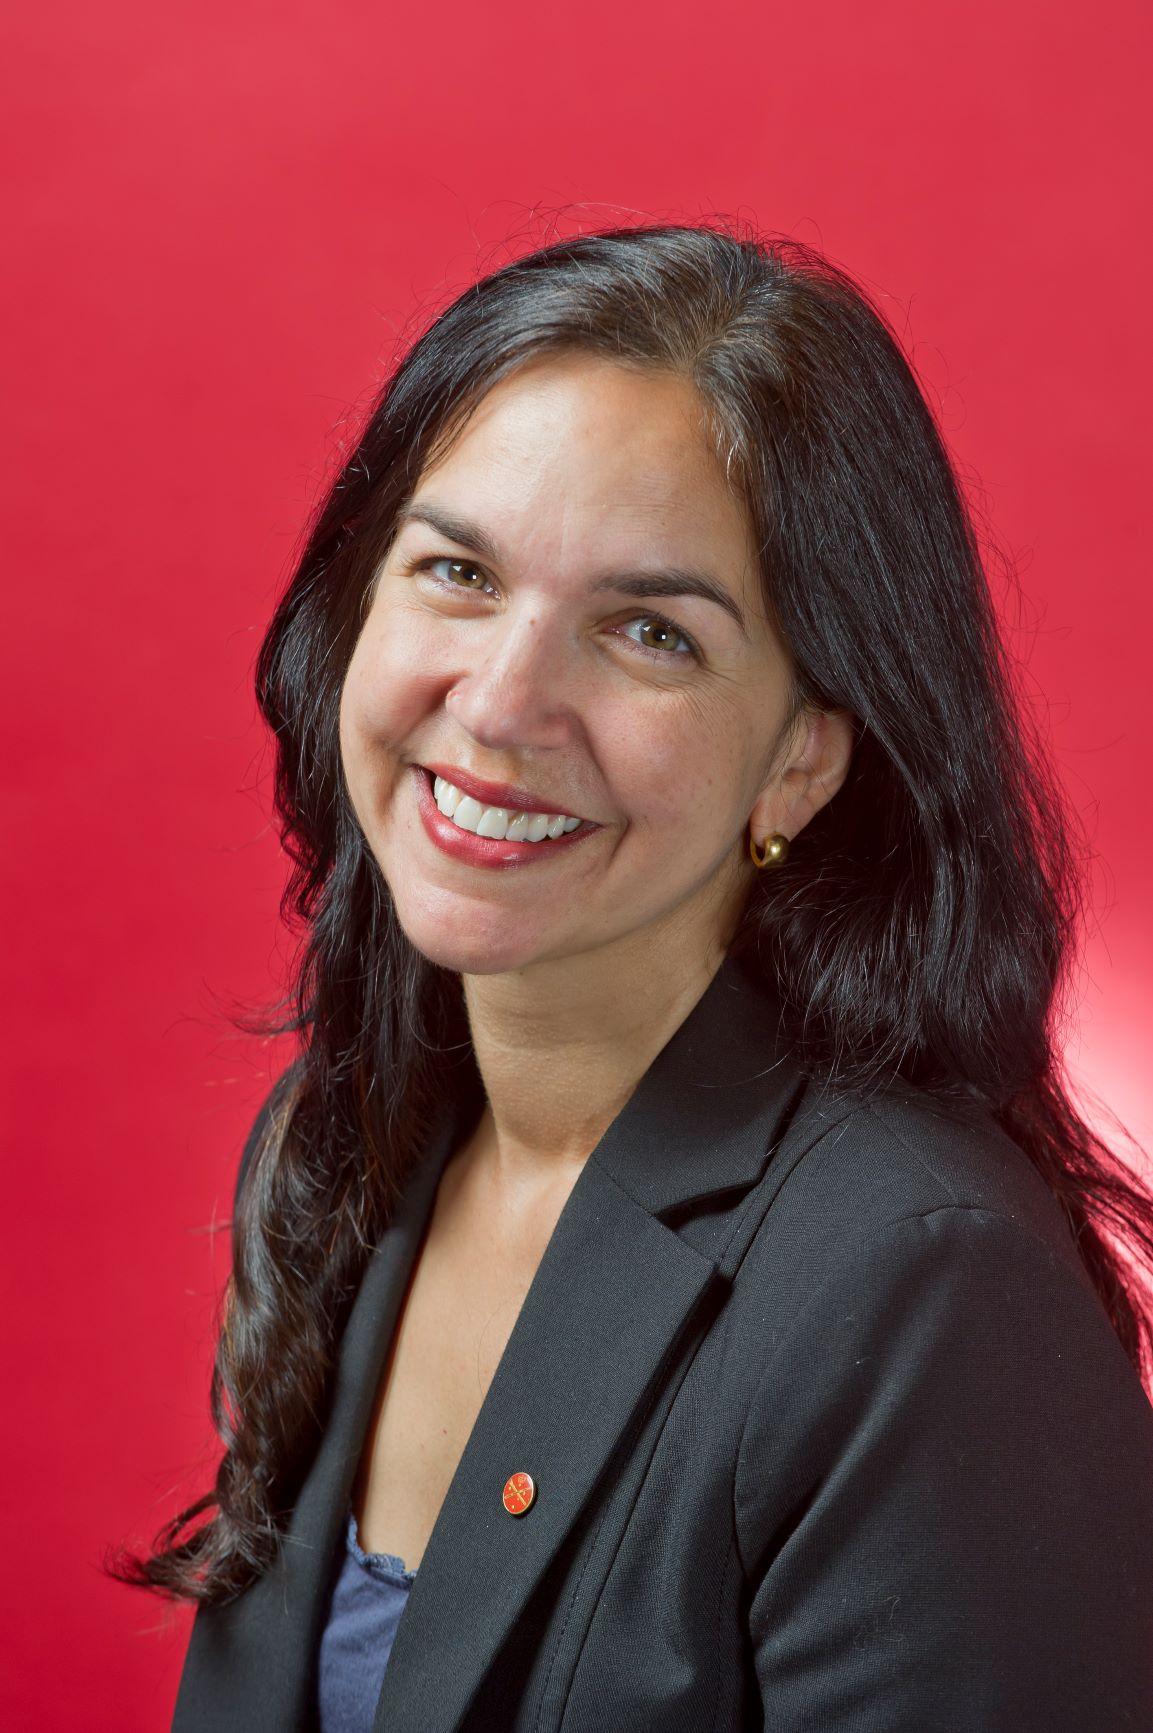 Lisa Singh small